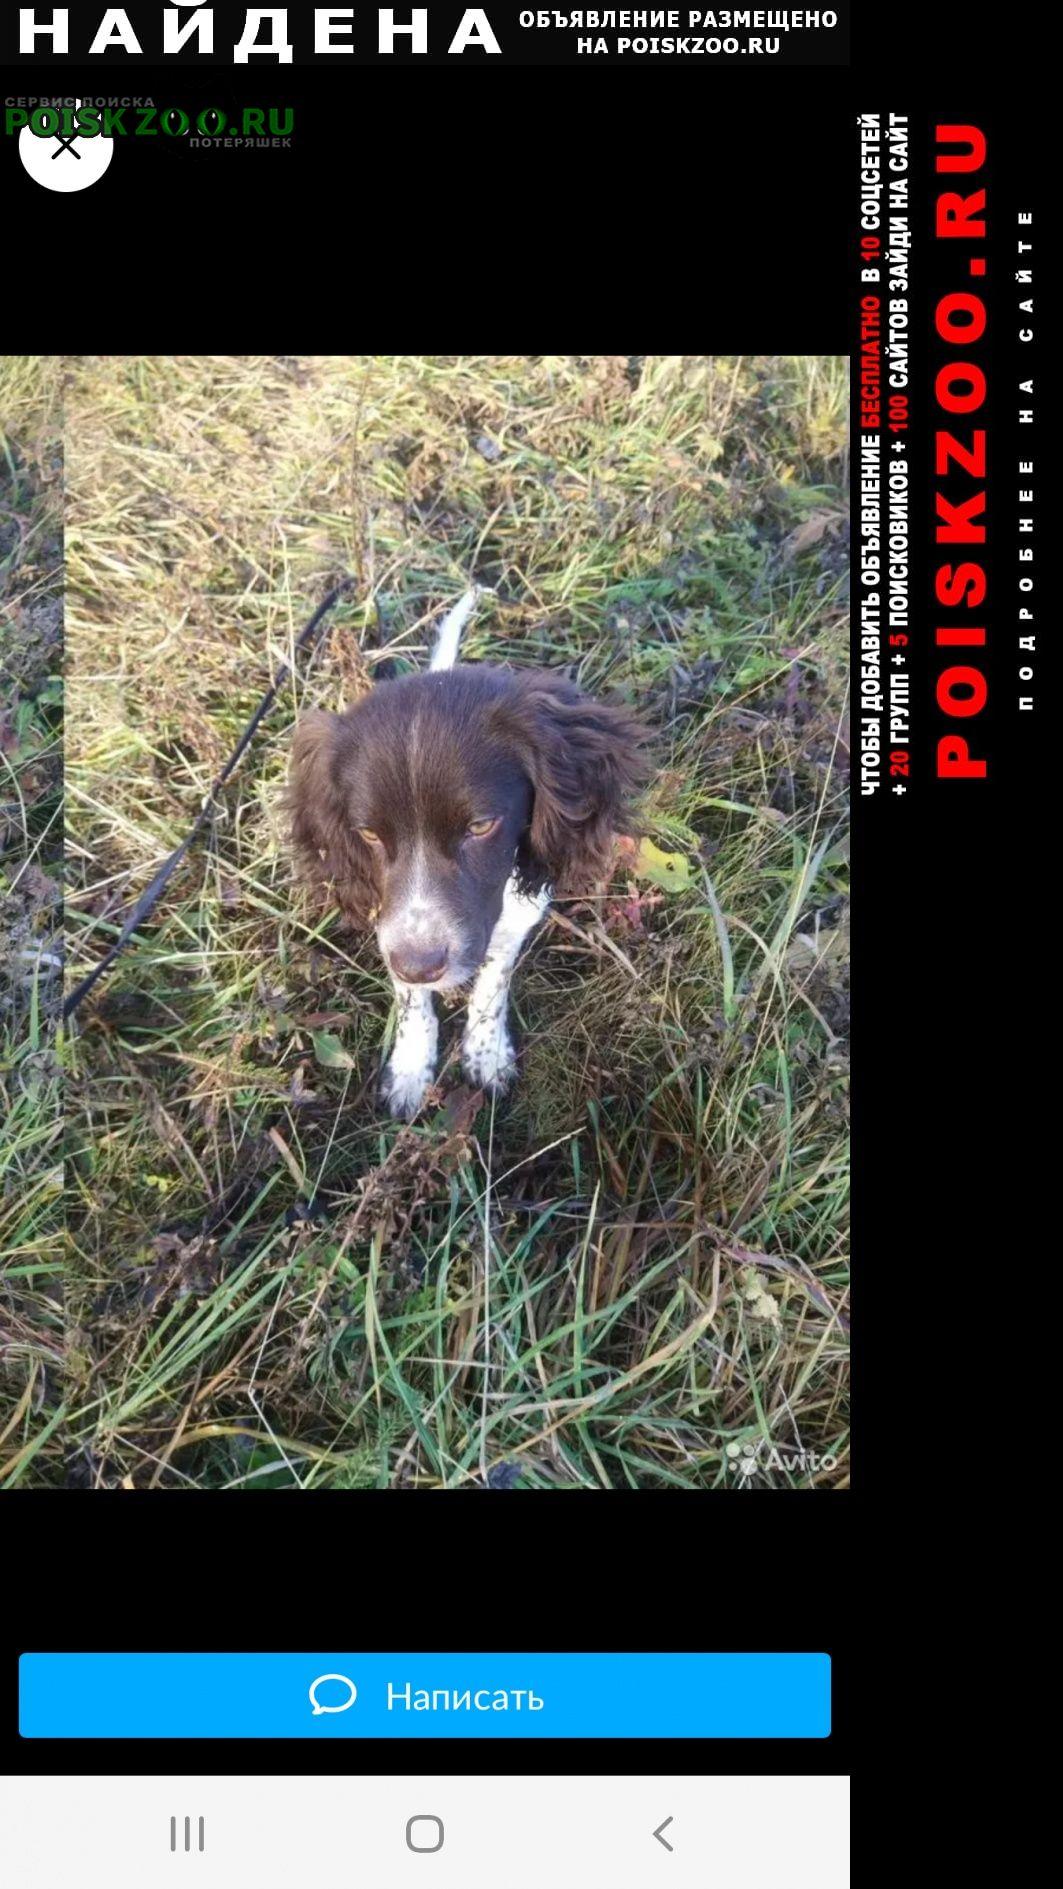 Найдена собака https://www.avito.ru/ohansk/sobaki/spani Оханск